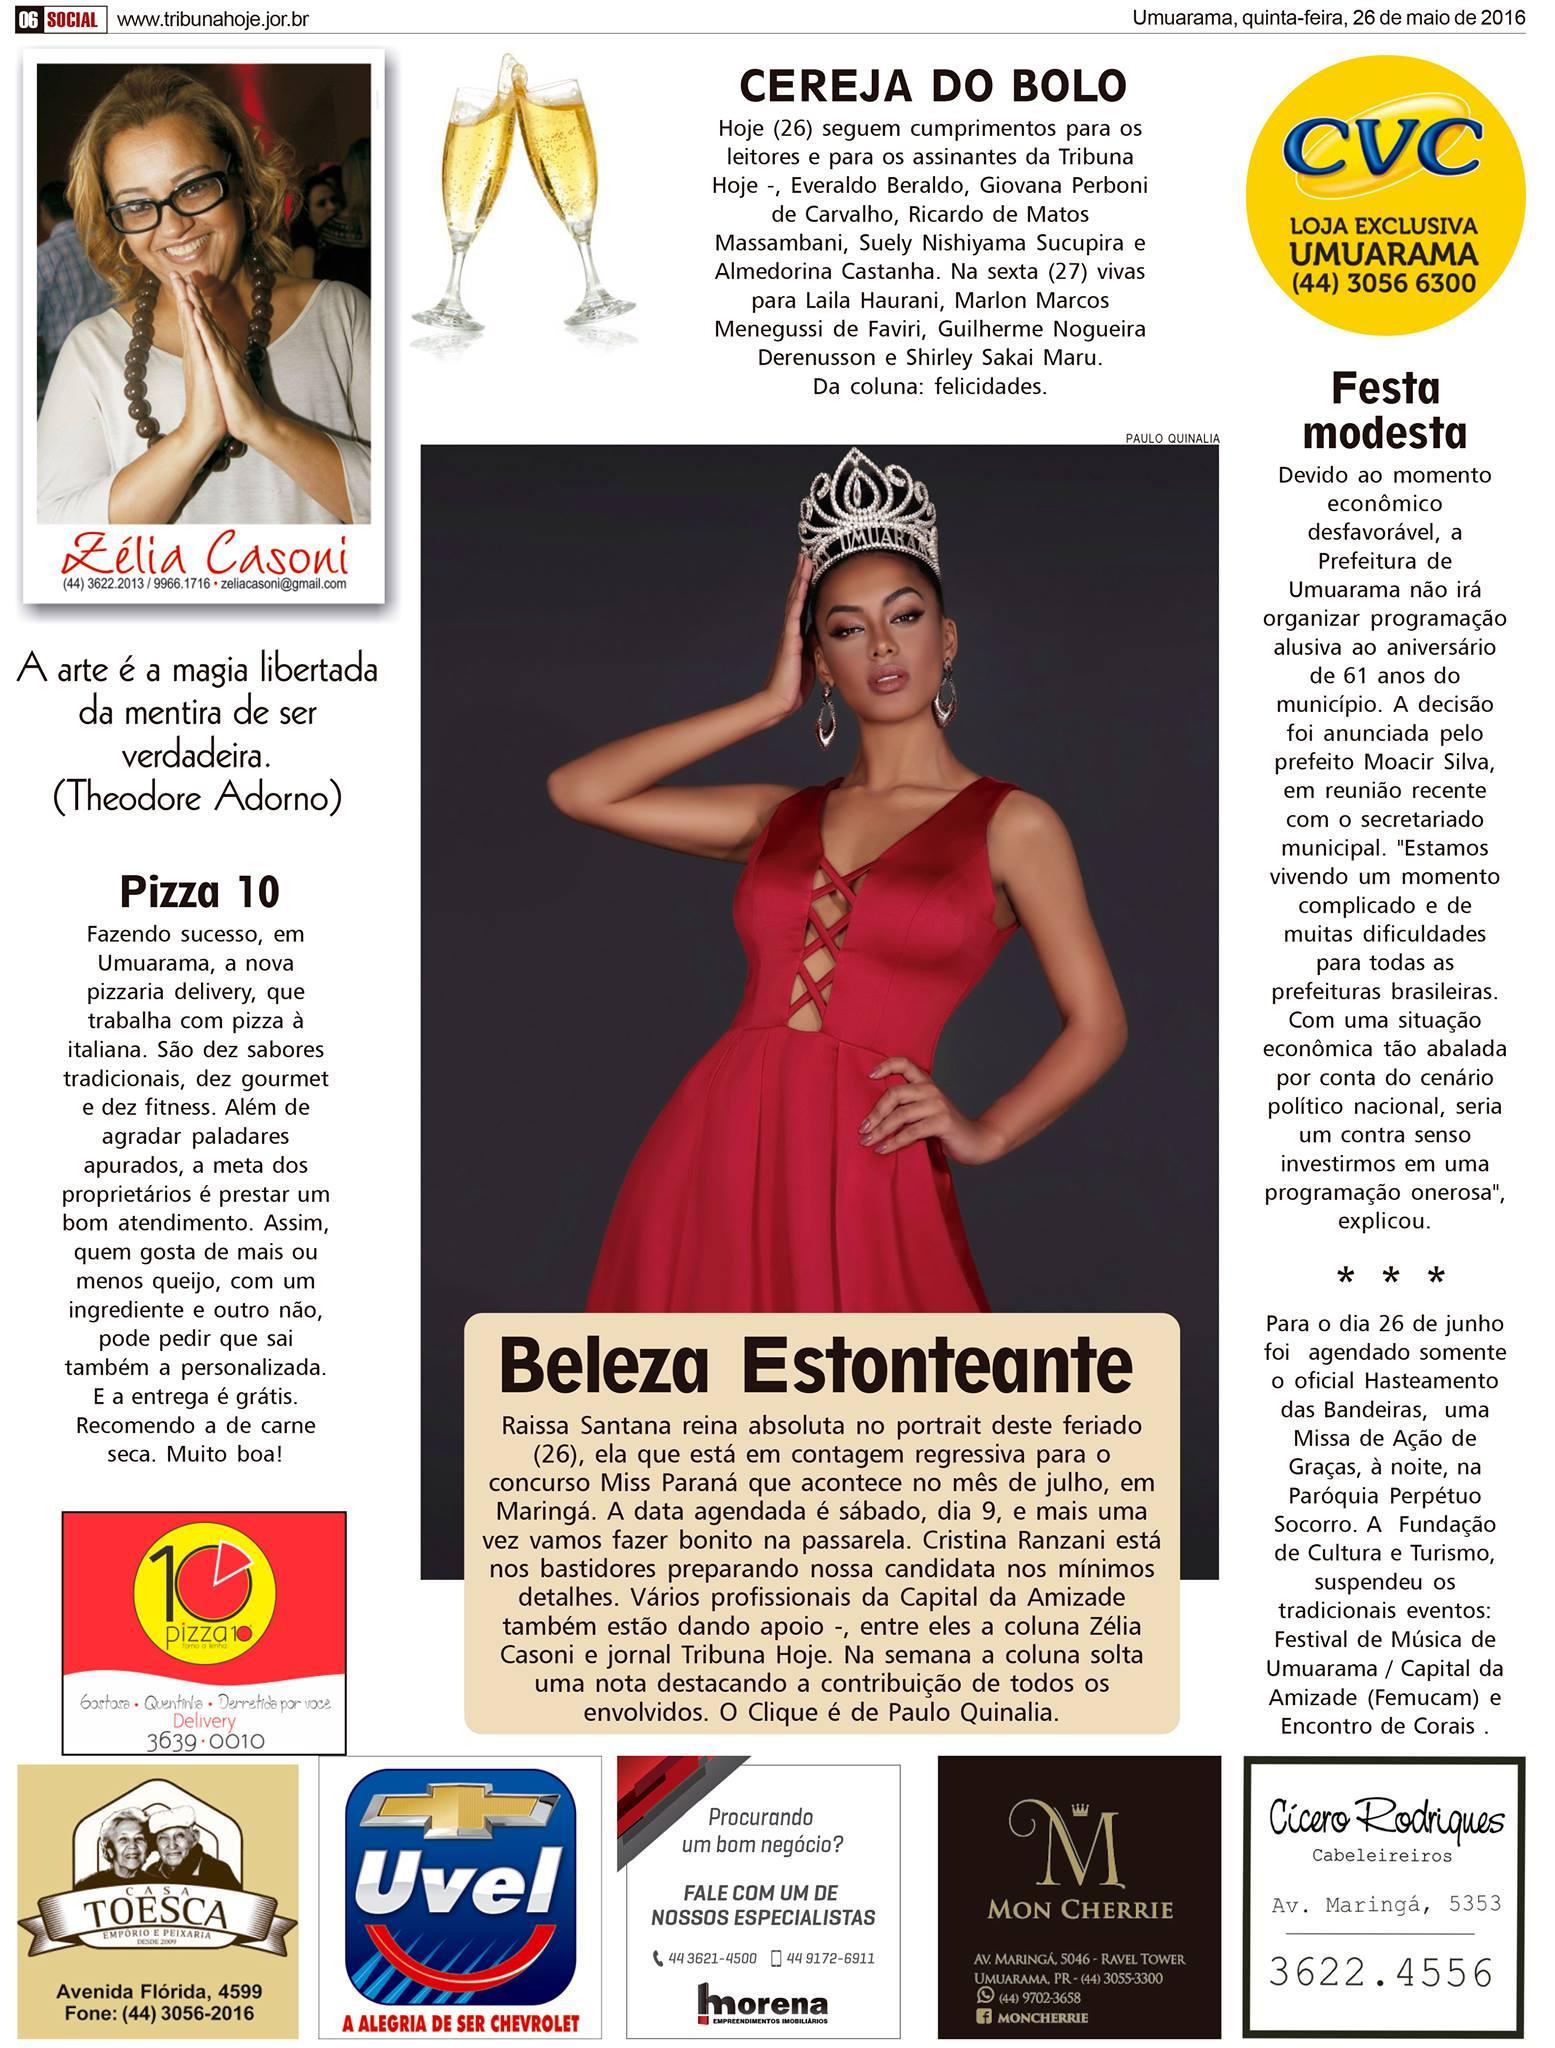 raissa santana, top 13 de miss universe 2016. - Página 2 5wp28sak